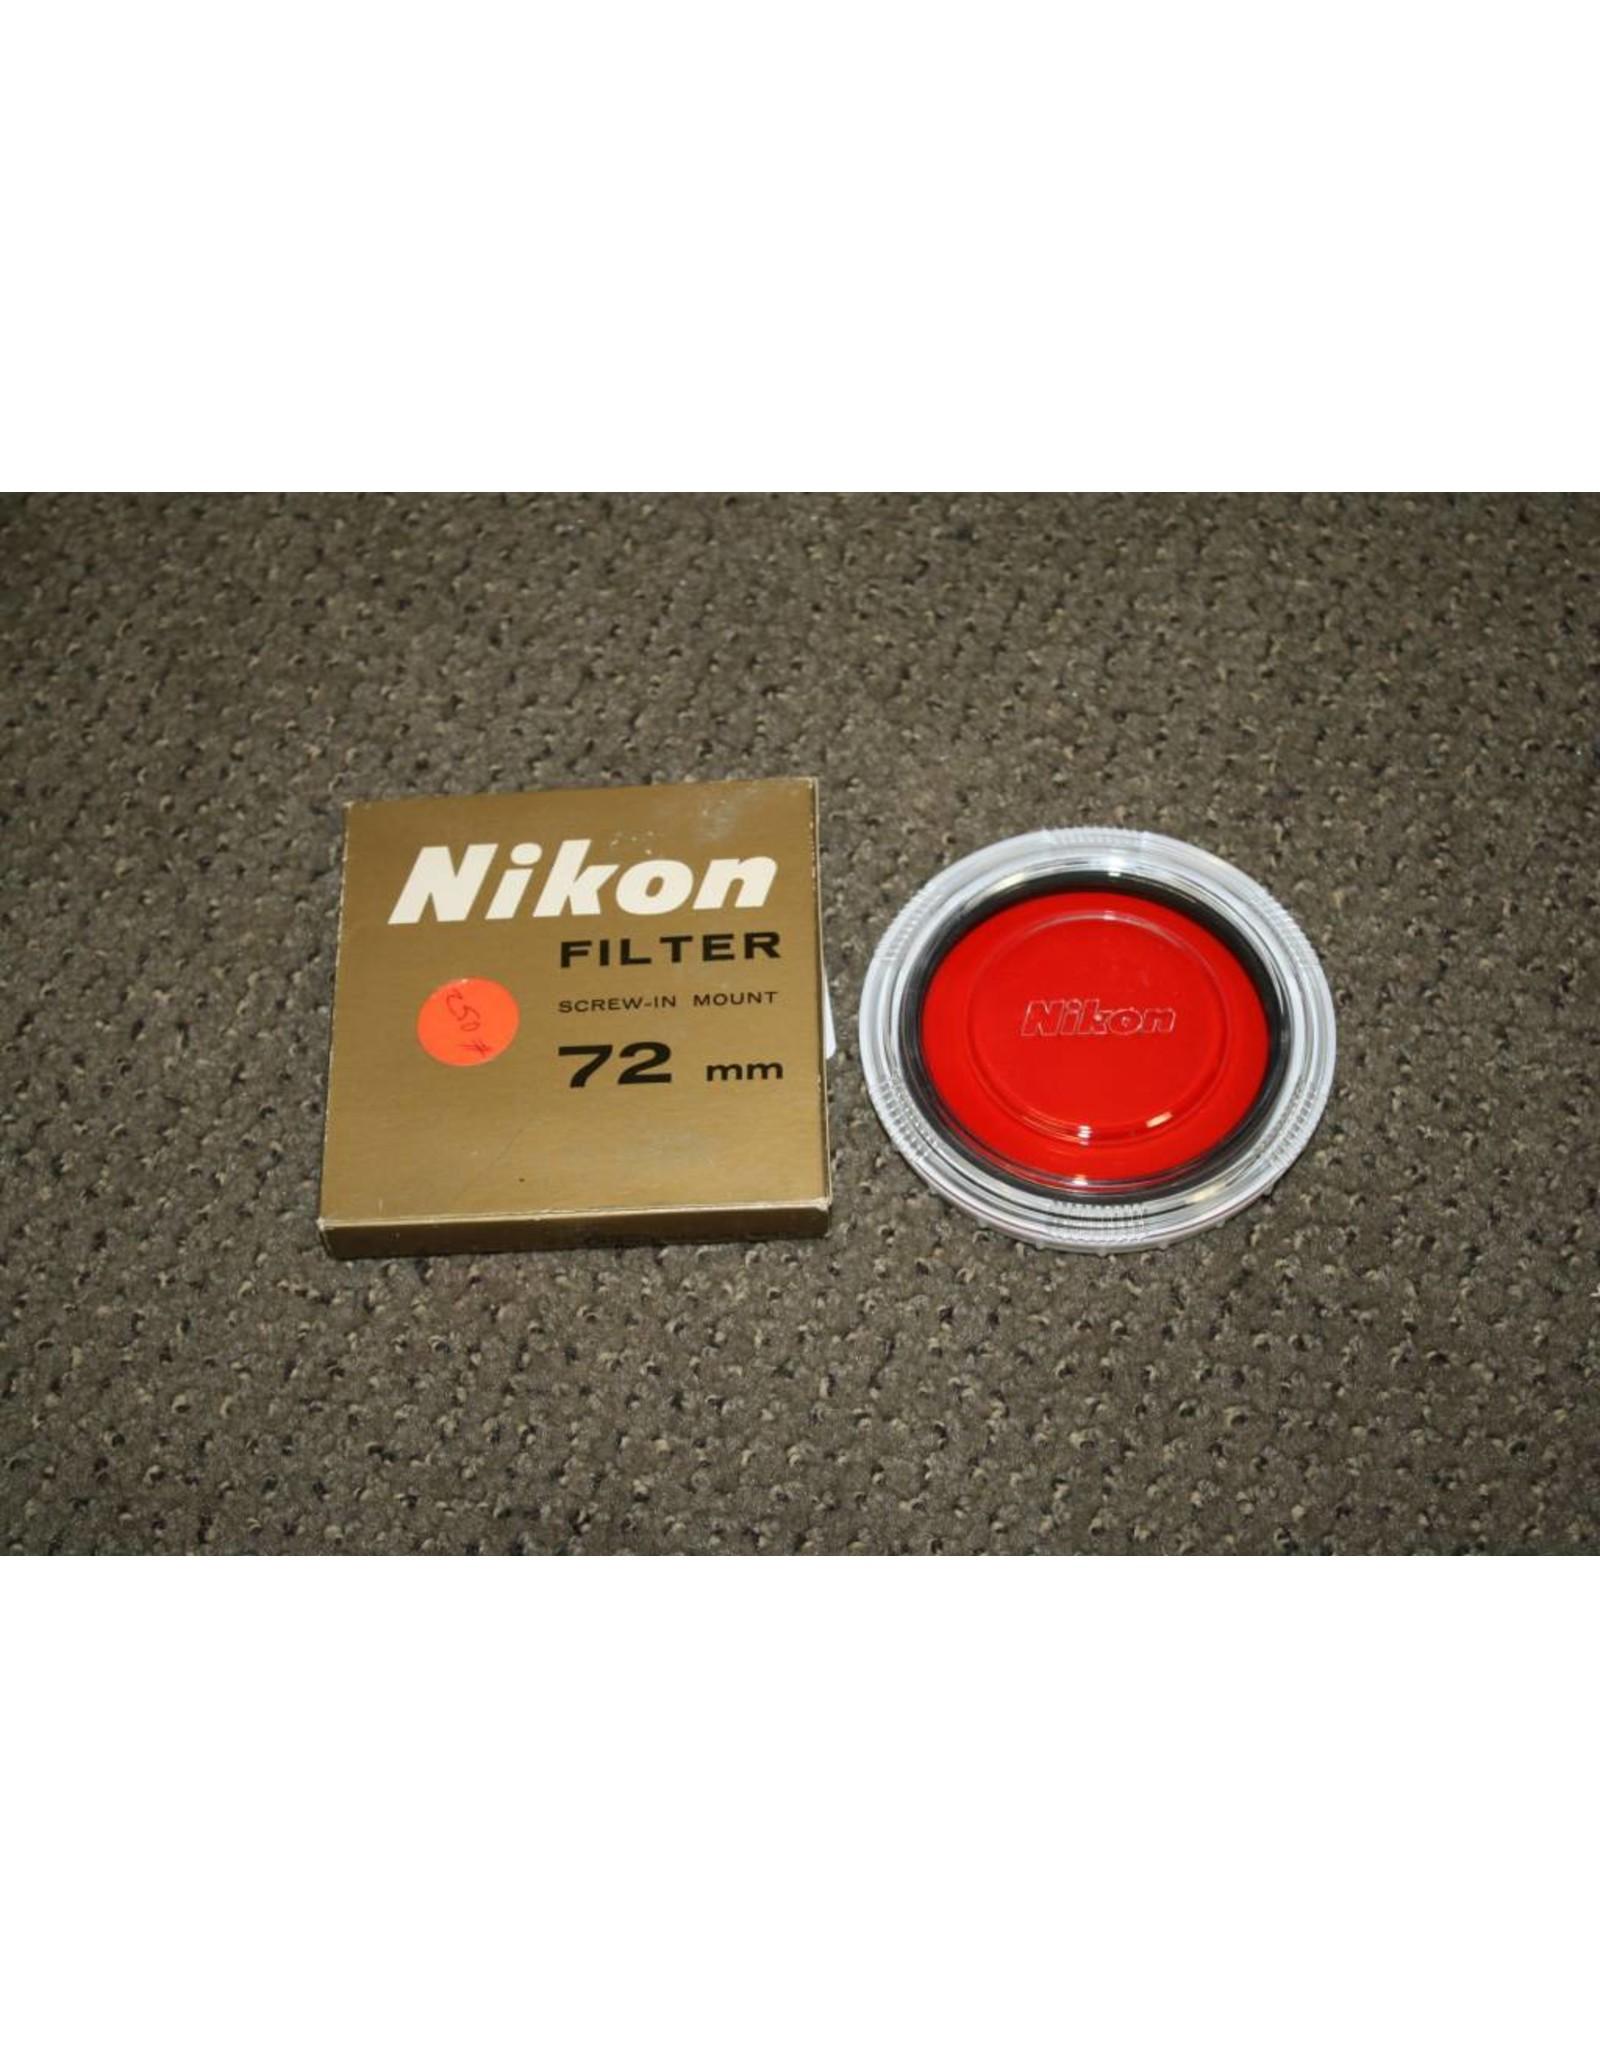 Nikon R60 (2273) 72 mm Filter in original box